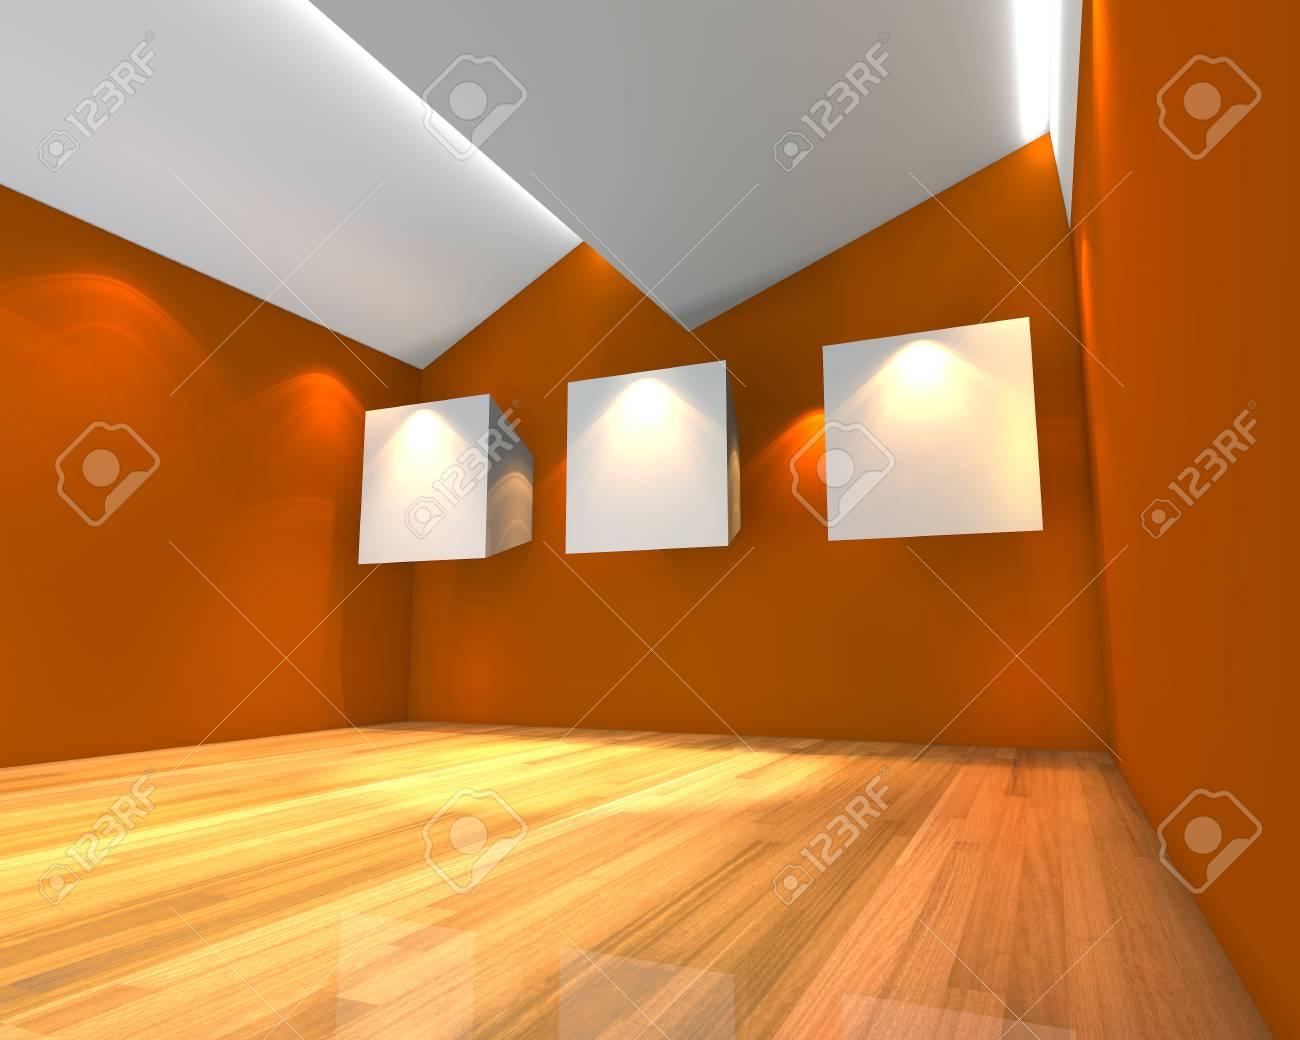 Charmant Banque Du0027images   Intérieur De La Chambre à Vide Avec Une Toile Blanche Sur  Le Mur Orange Dans La Galerie